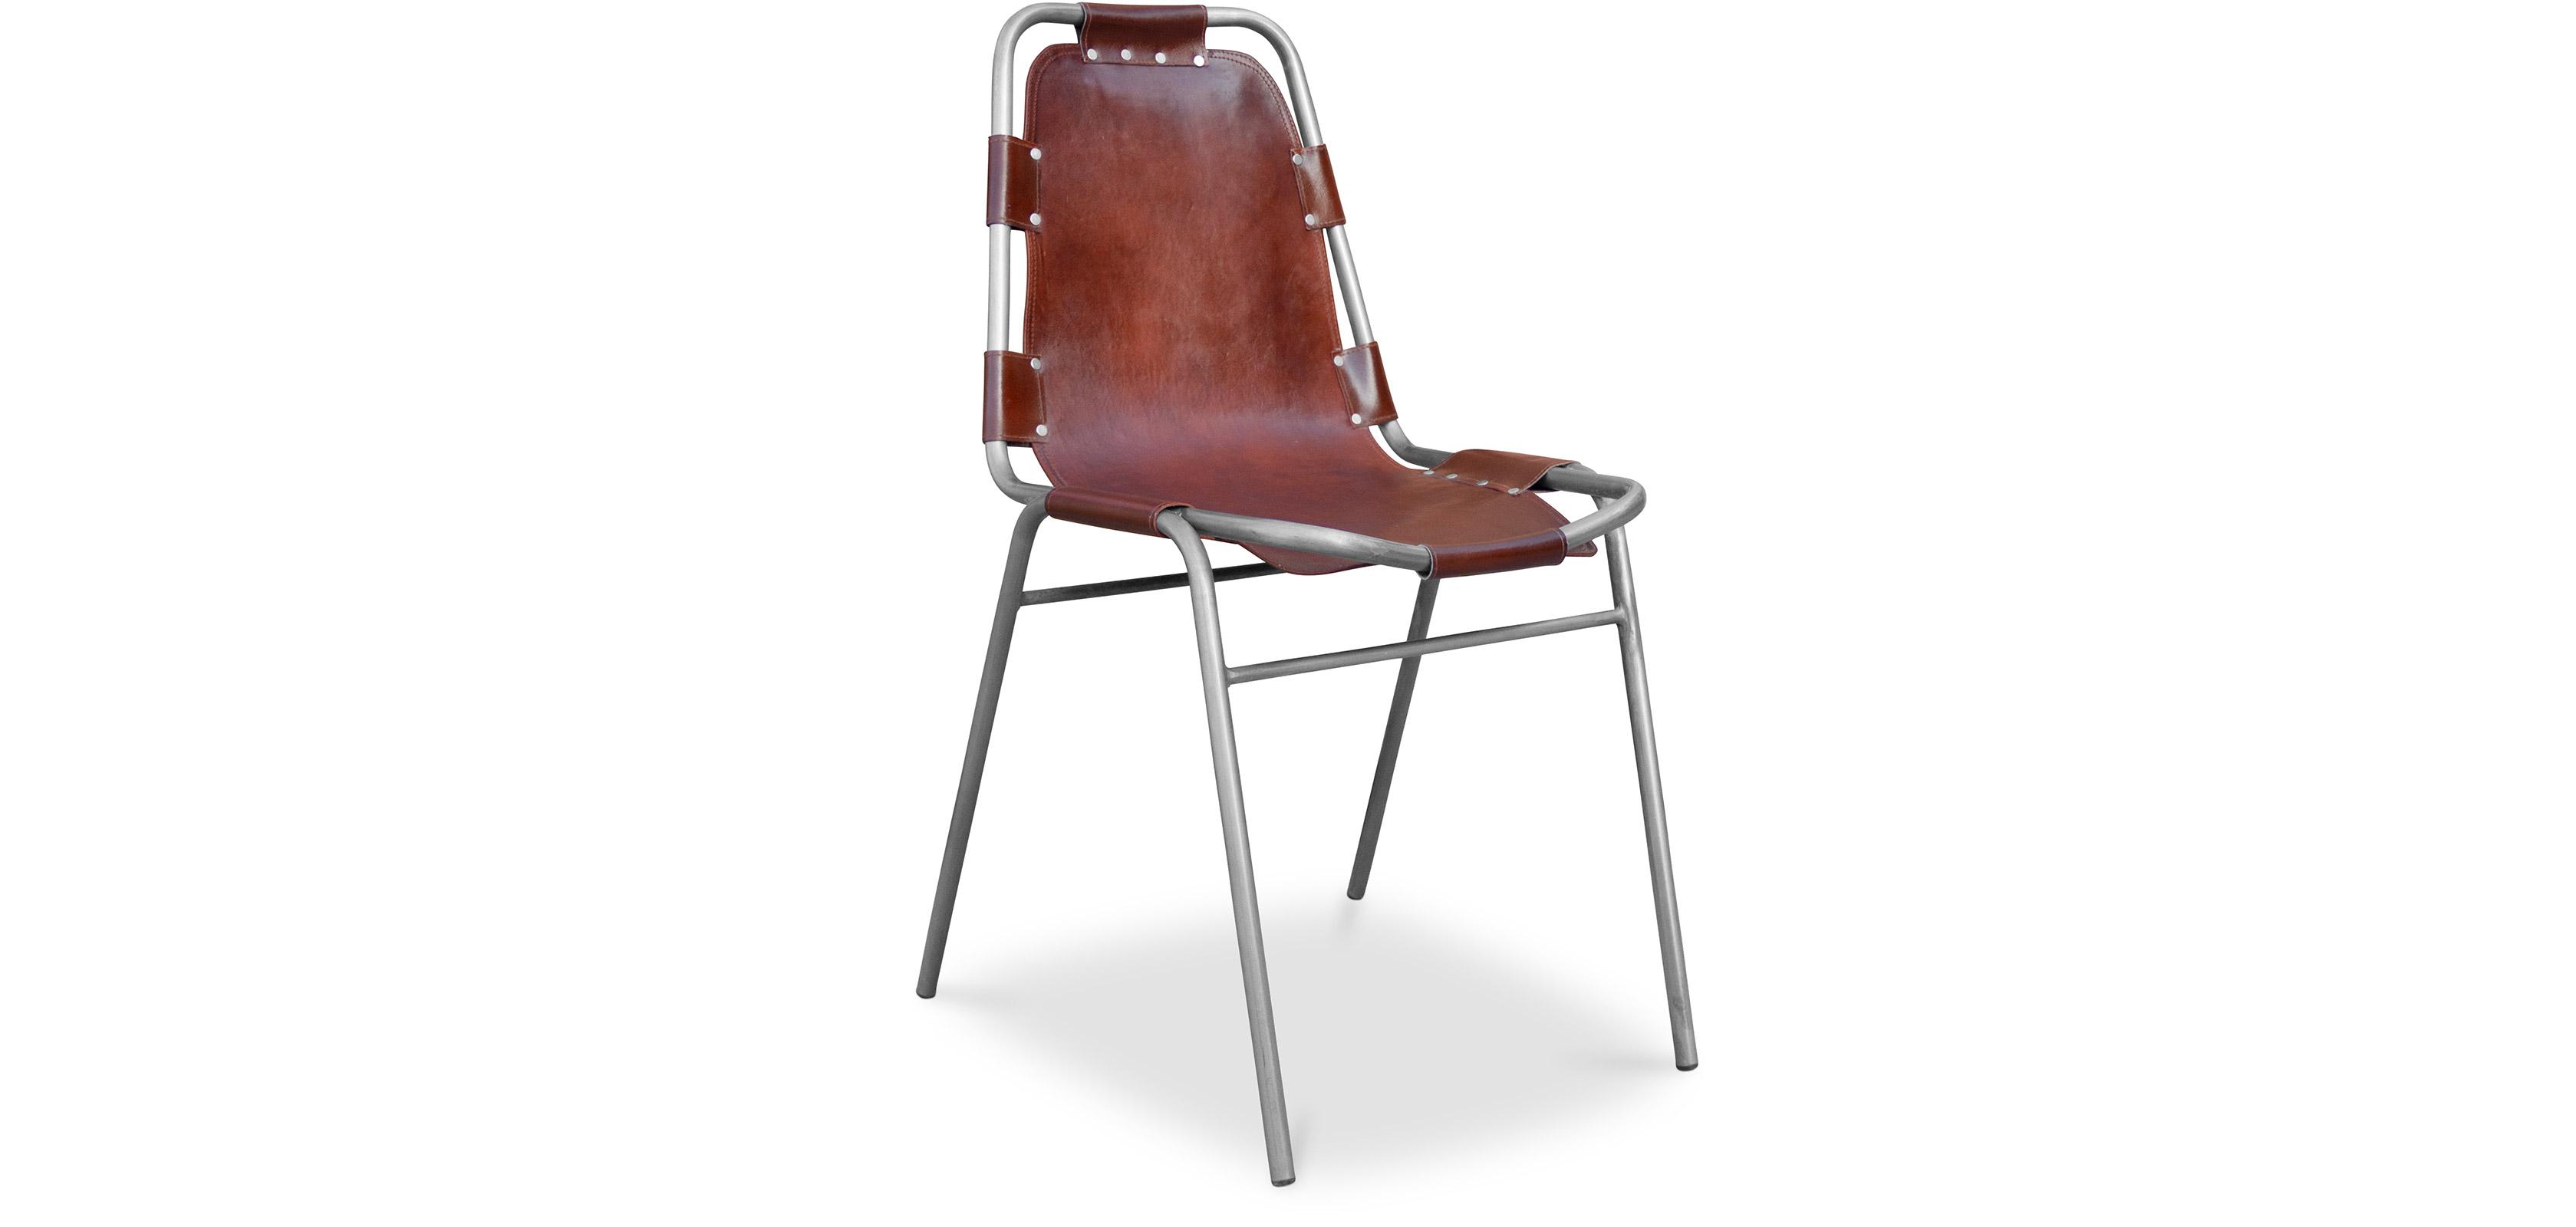 Sedia Design Industriale Vintage - Acciaio e Pelle Premium